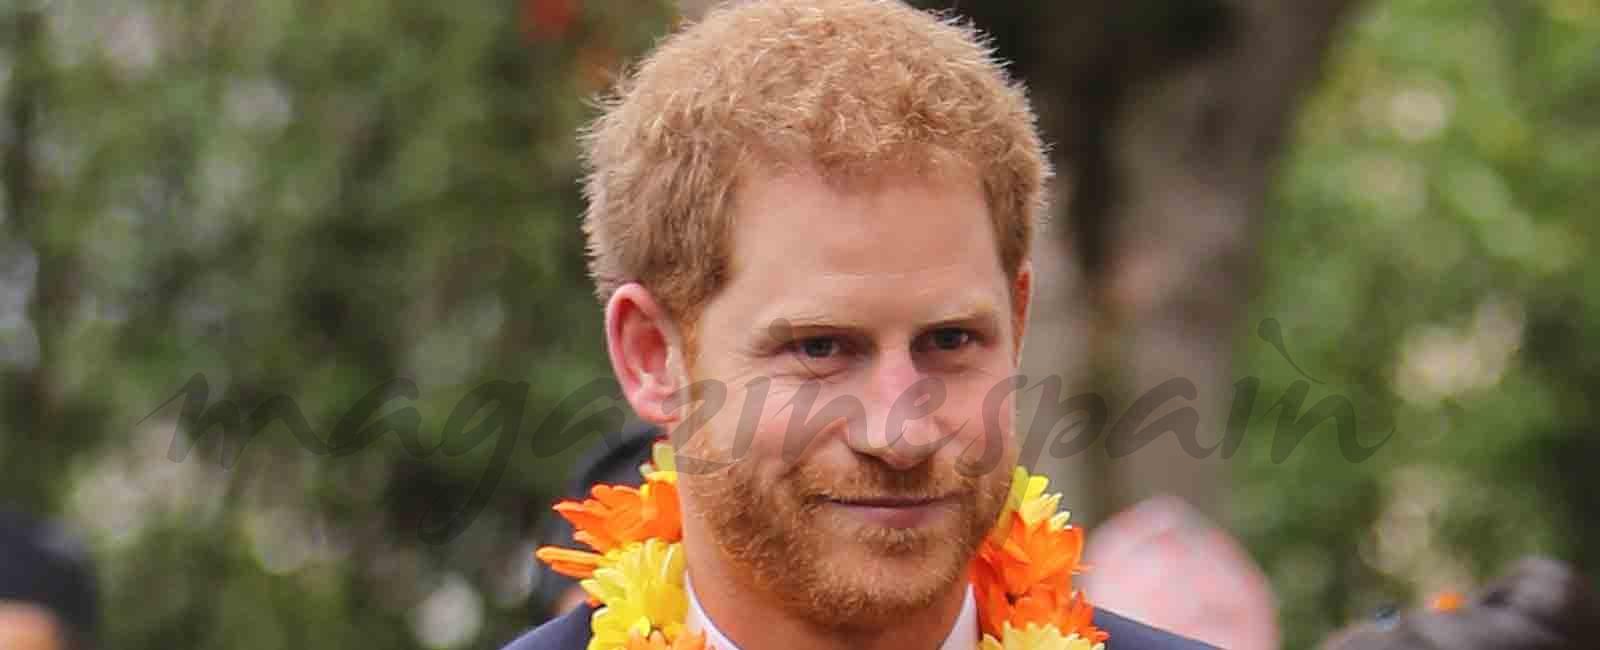 Príncipe Harry continúa con su agenda, a miles de kilómetros de su novia